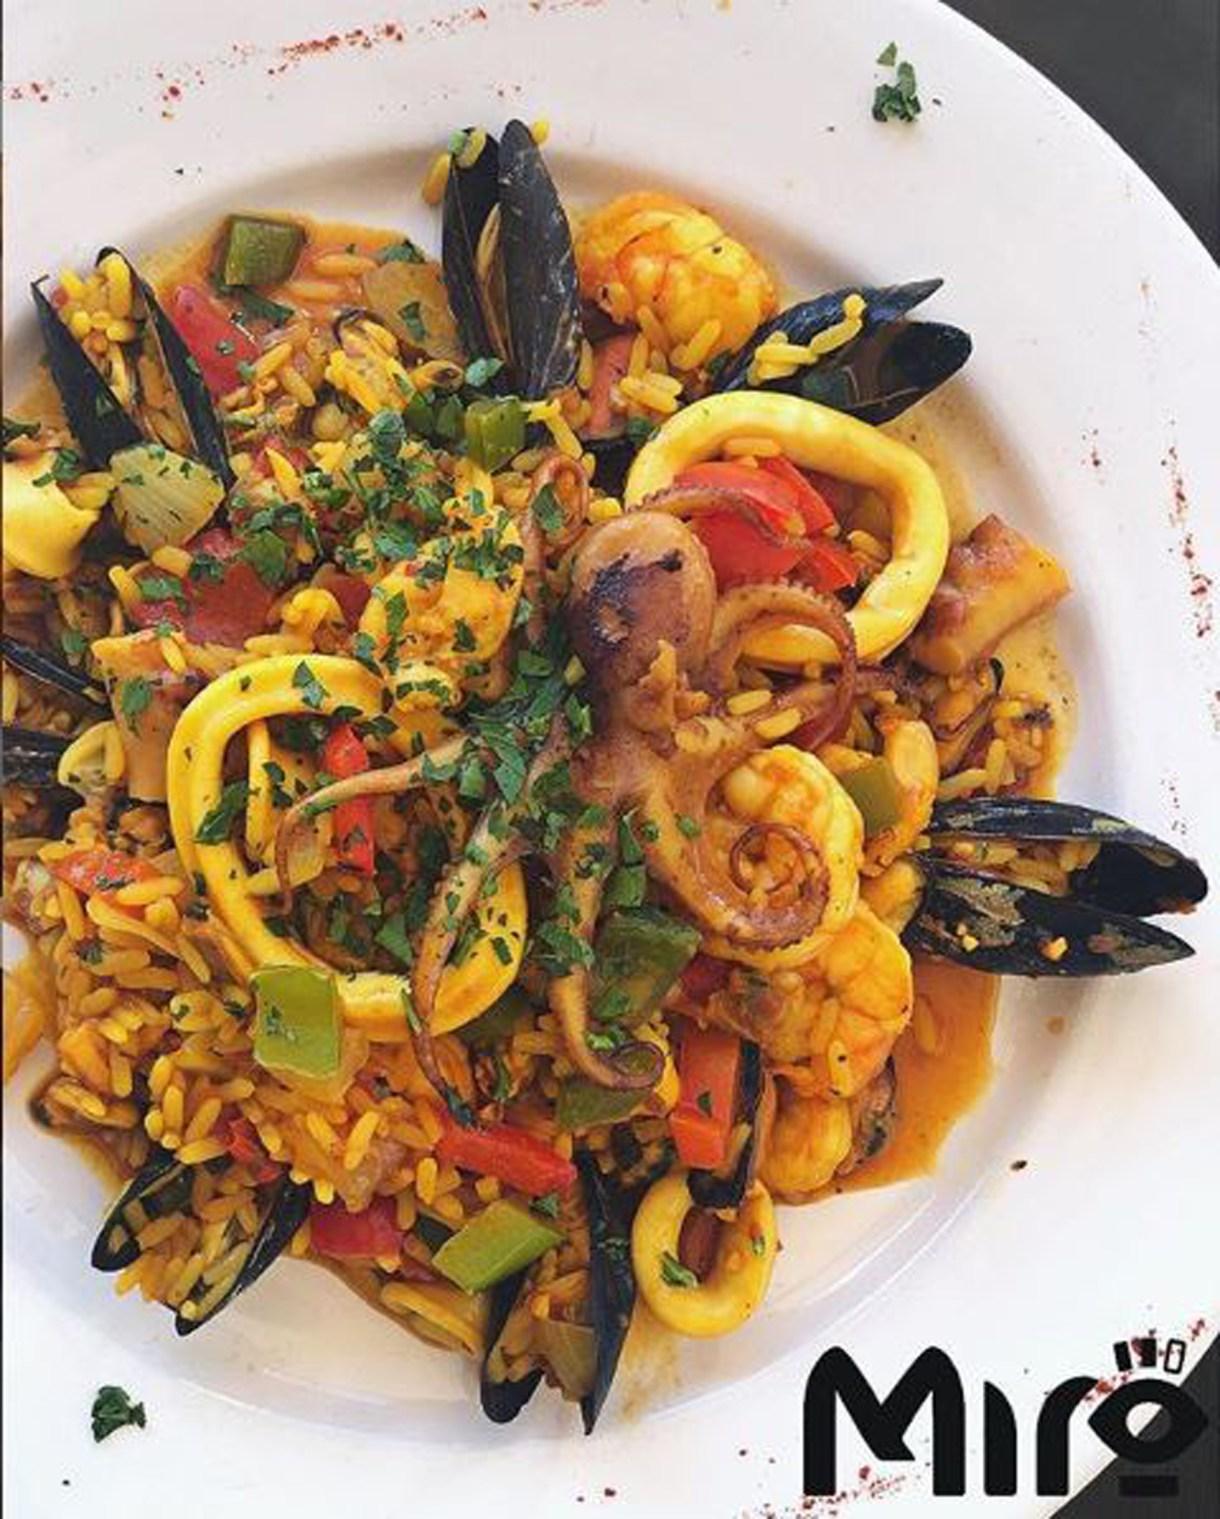 Calamares, pulpo, ostras y arroz, un plato para disfrutar de lo mejor de mar